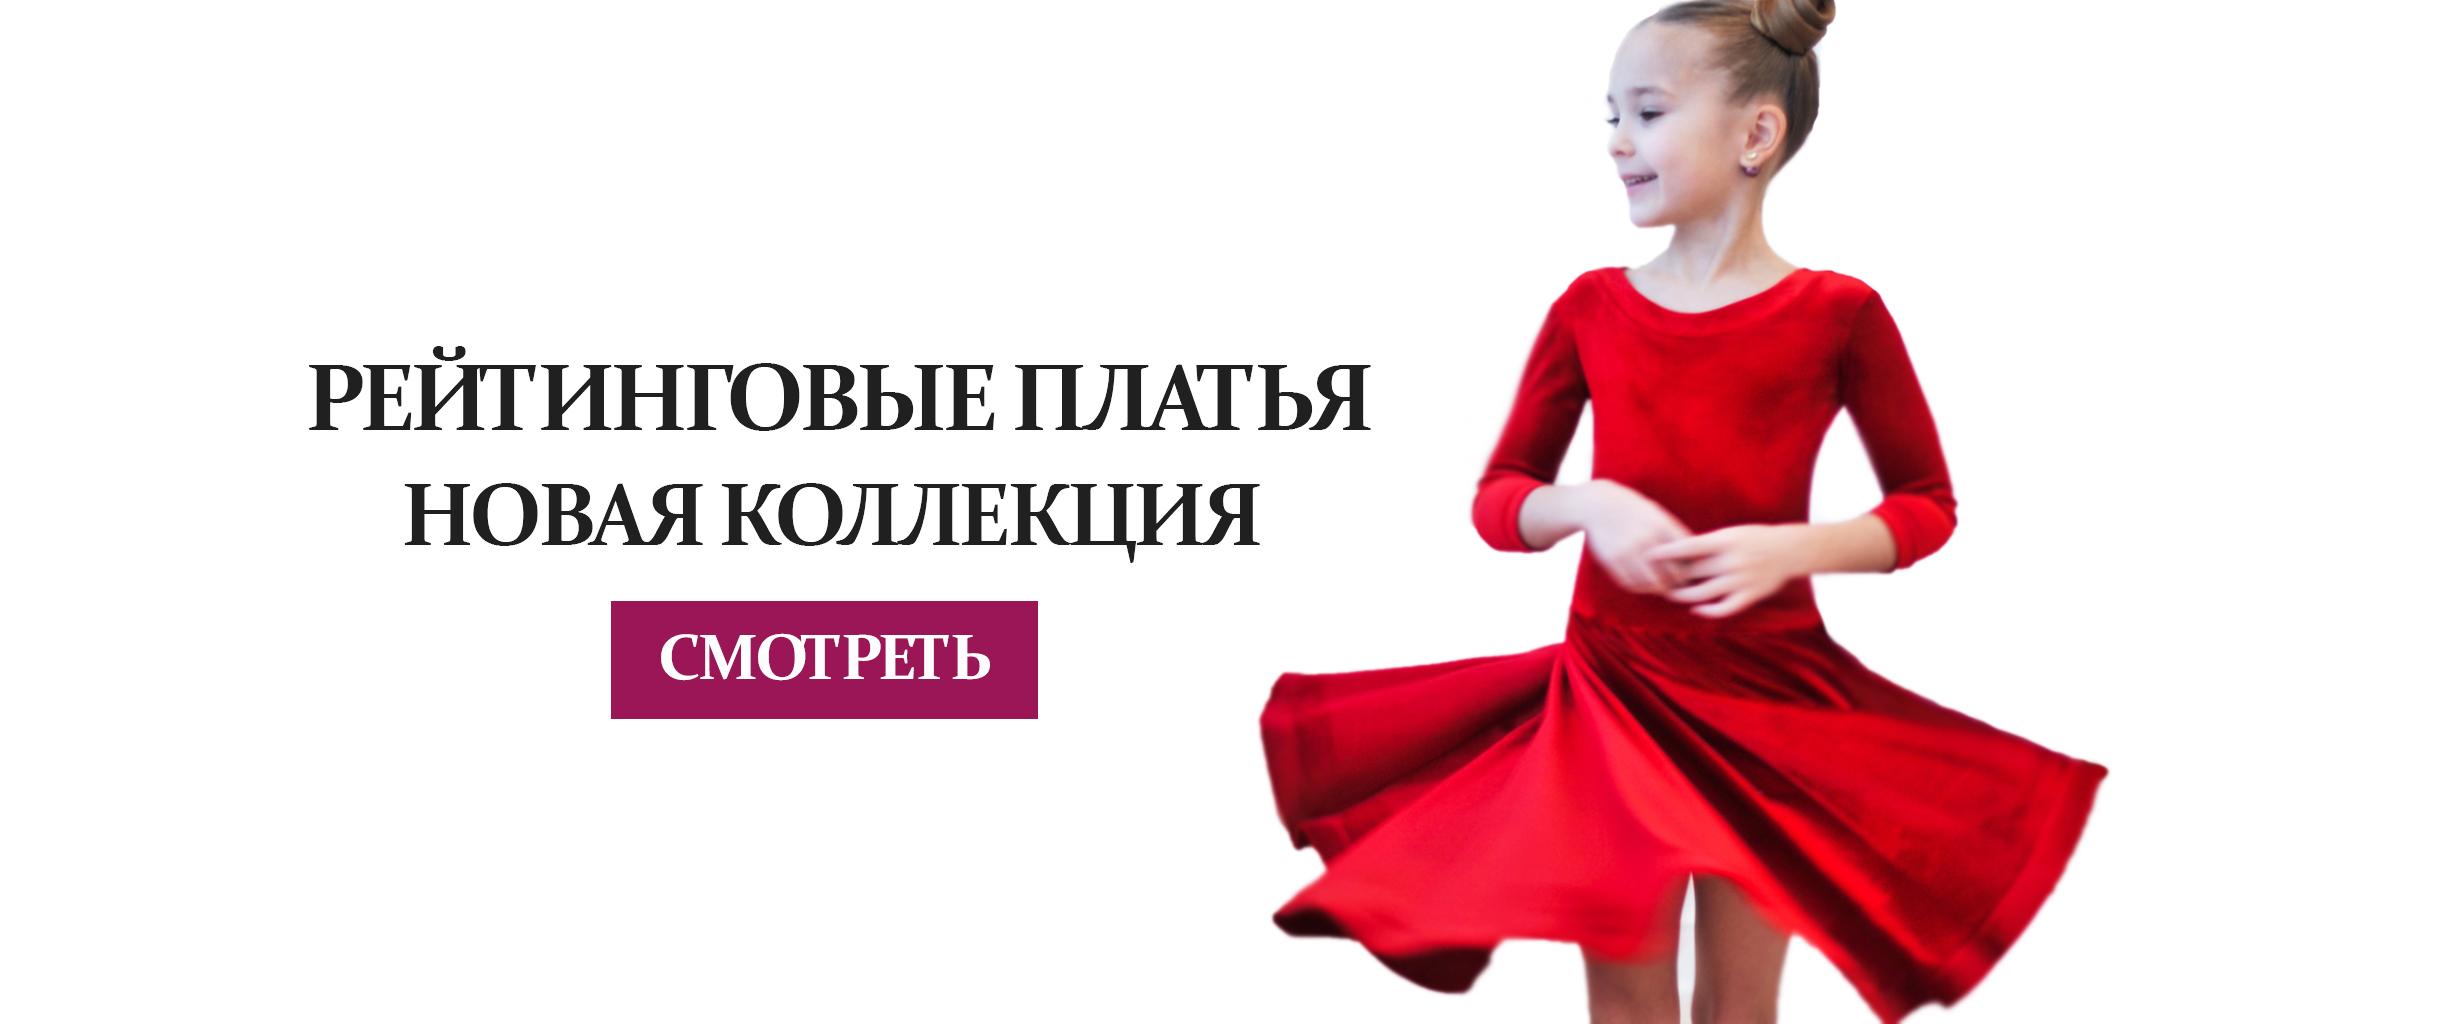 Купить одежду и обувь для танцев – Top Dance fcd3522e02f